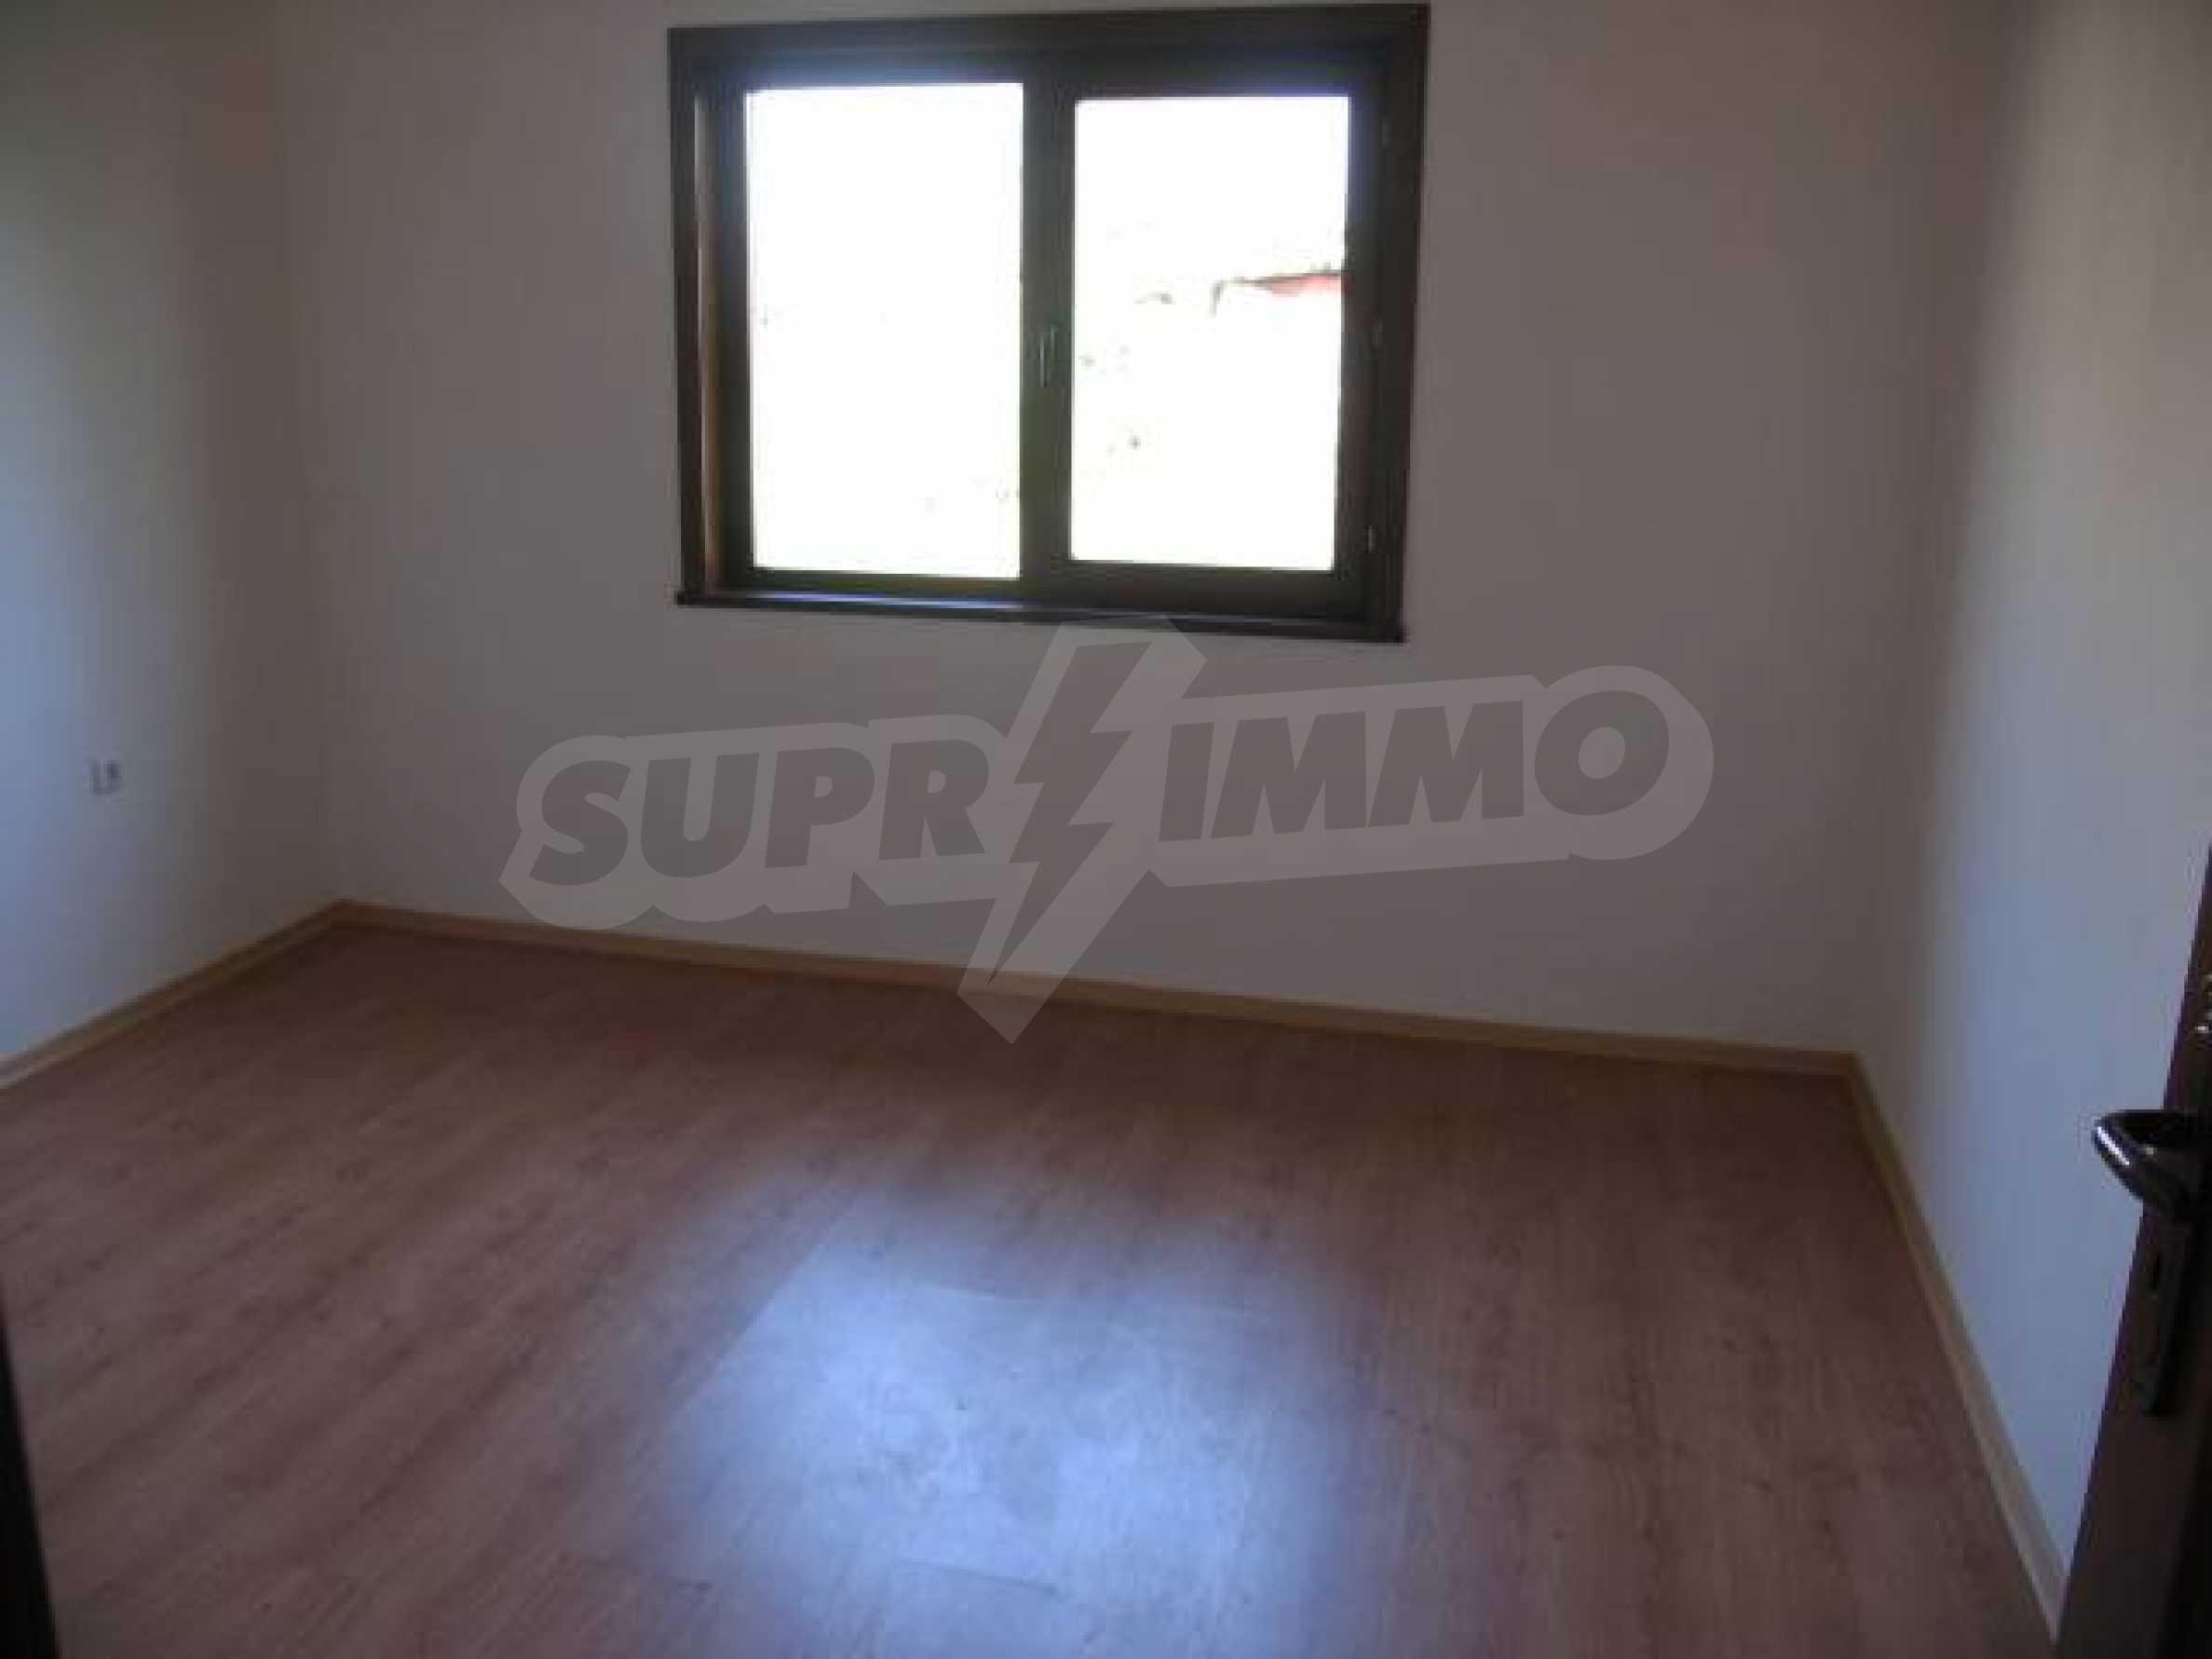 Два дома для продажи в Stefanovo деревне 25 км. от Албена 6